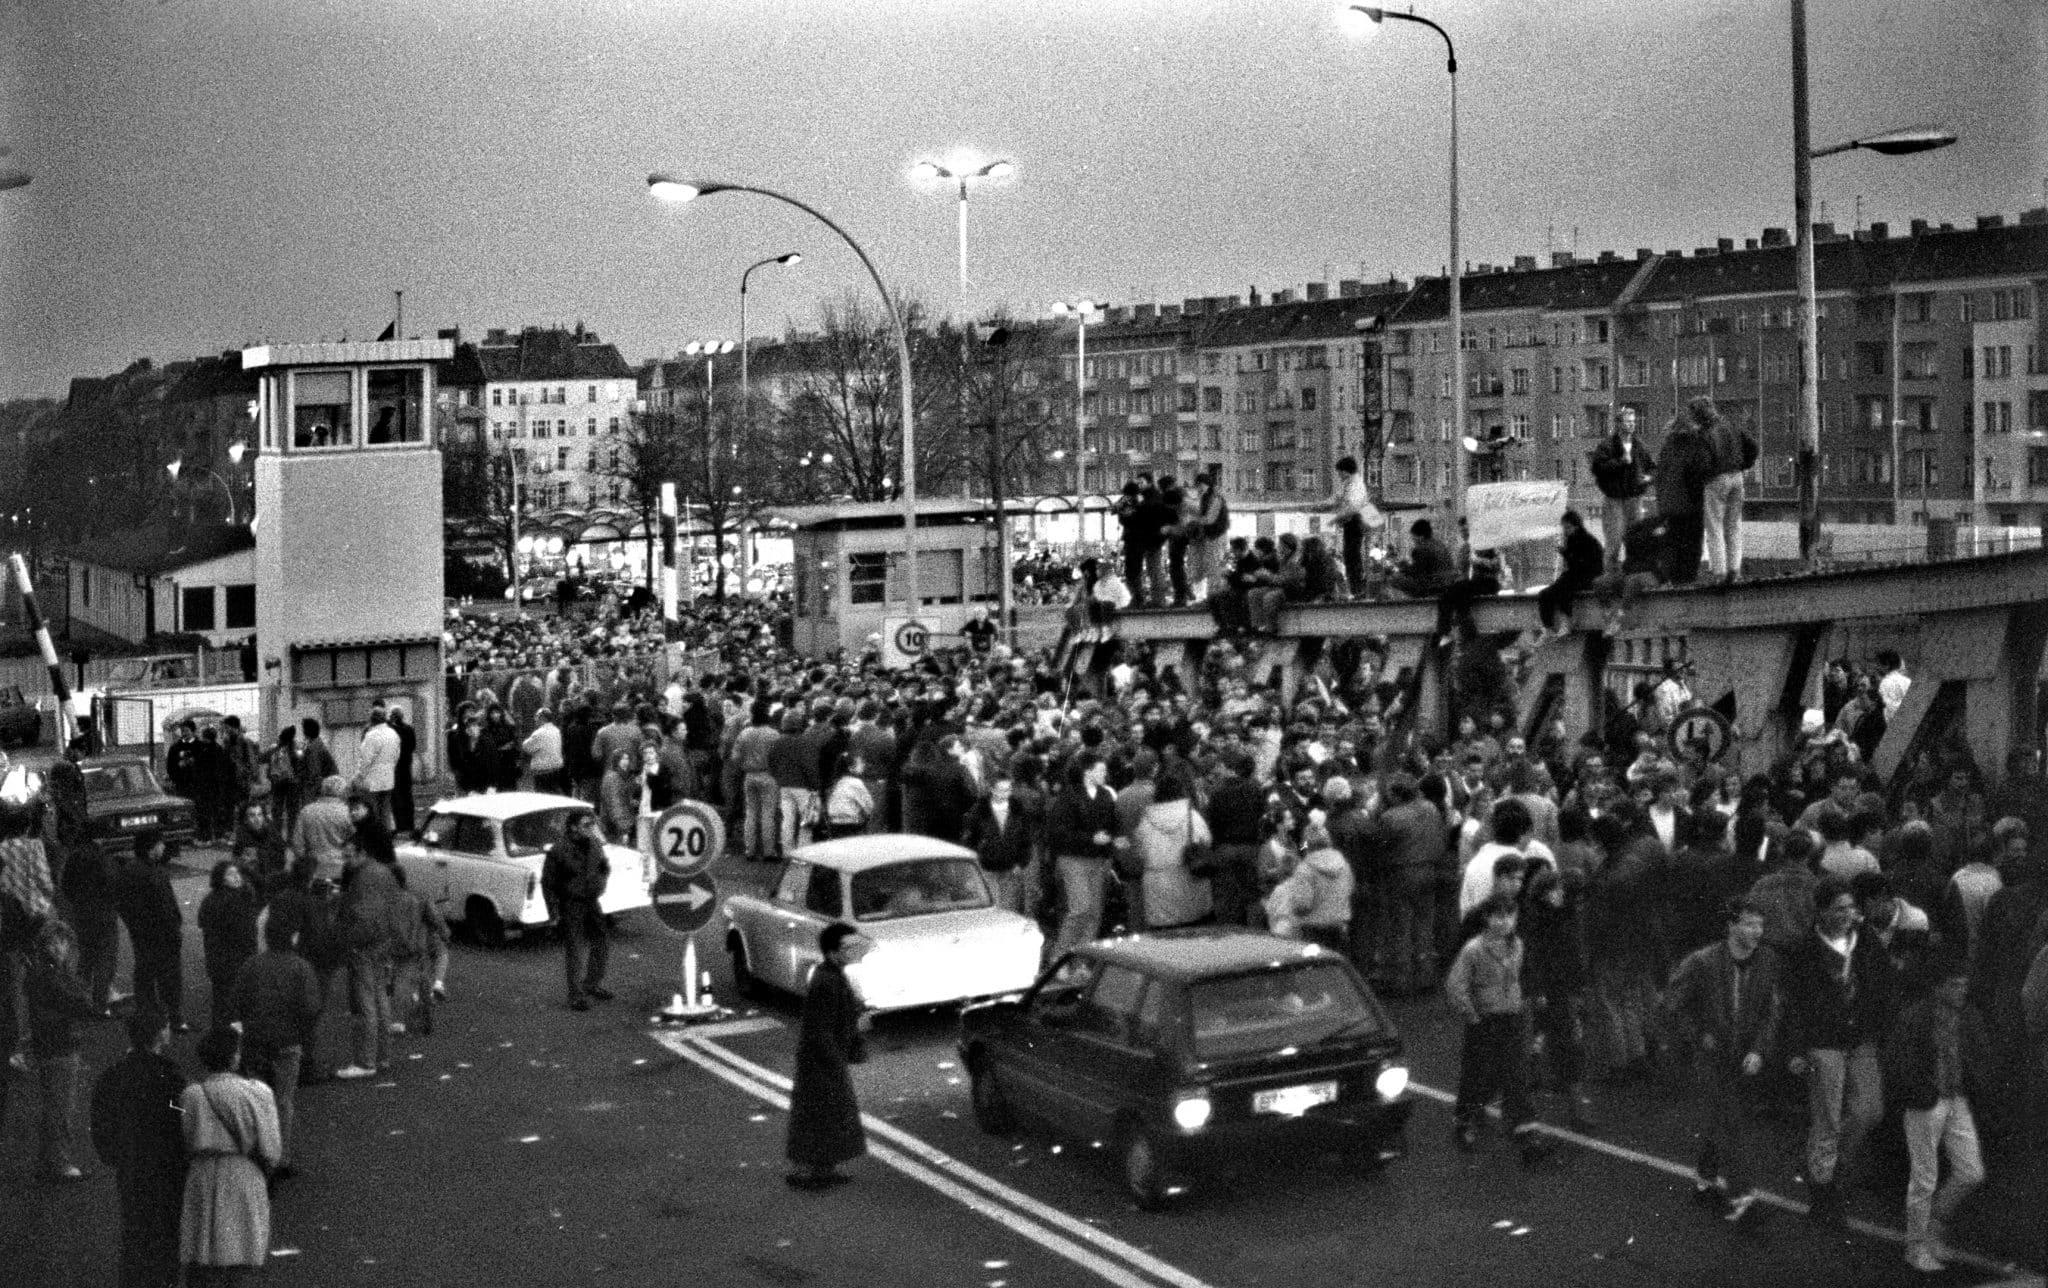 The Bornholmerstrasse Crossing in November 1989